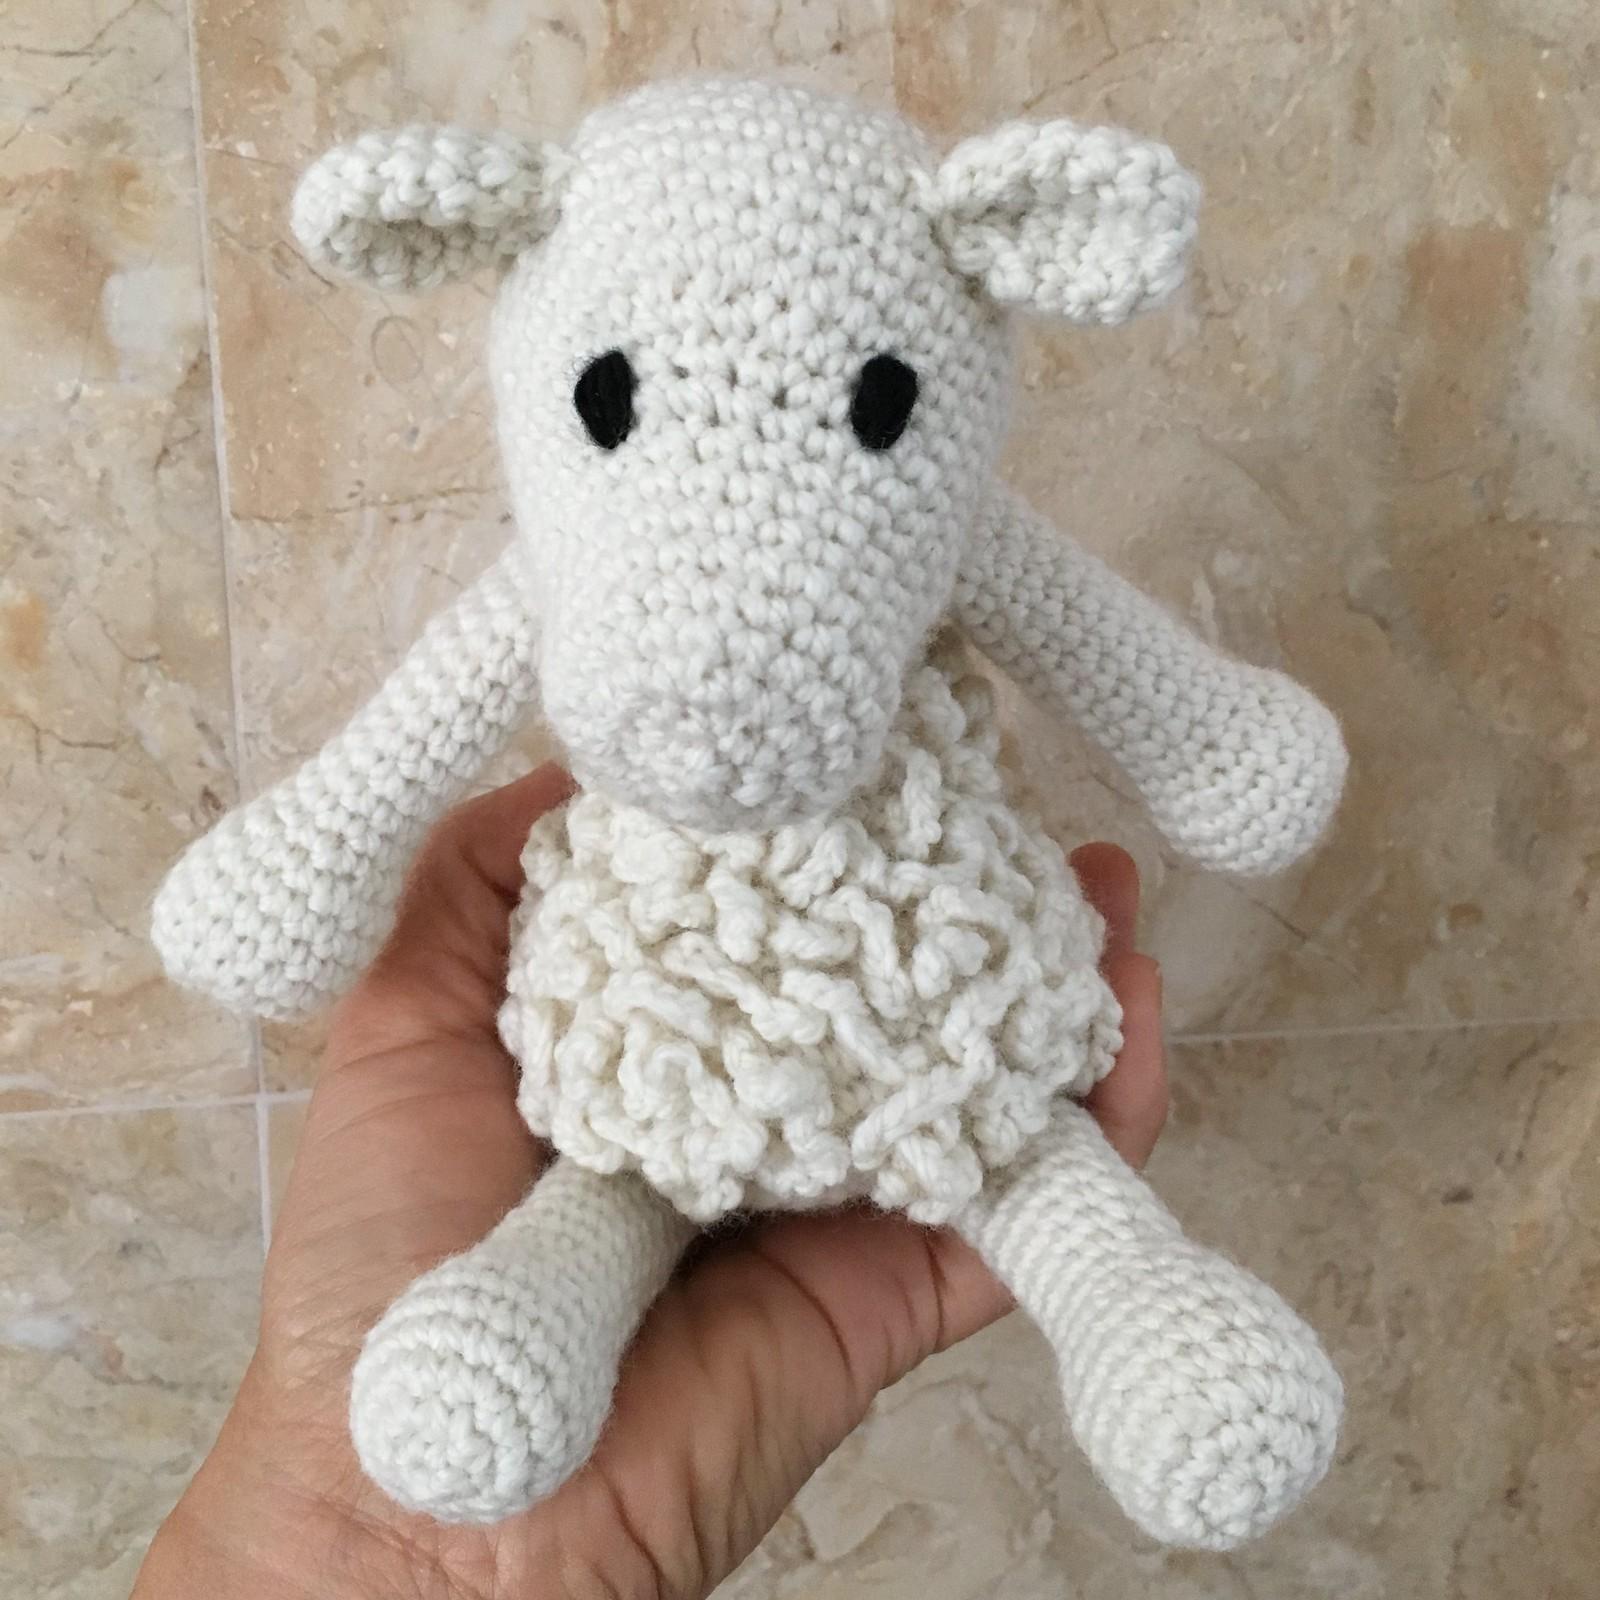 Simone the Sheep